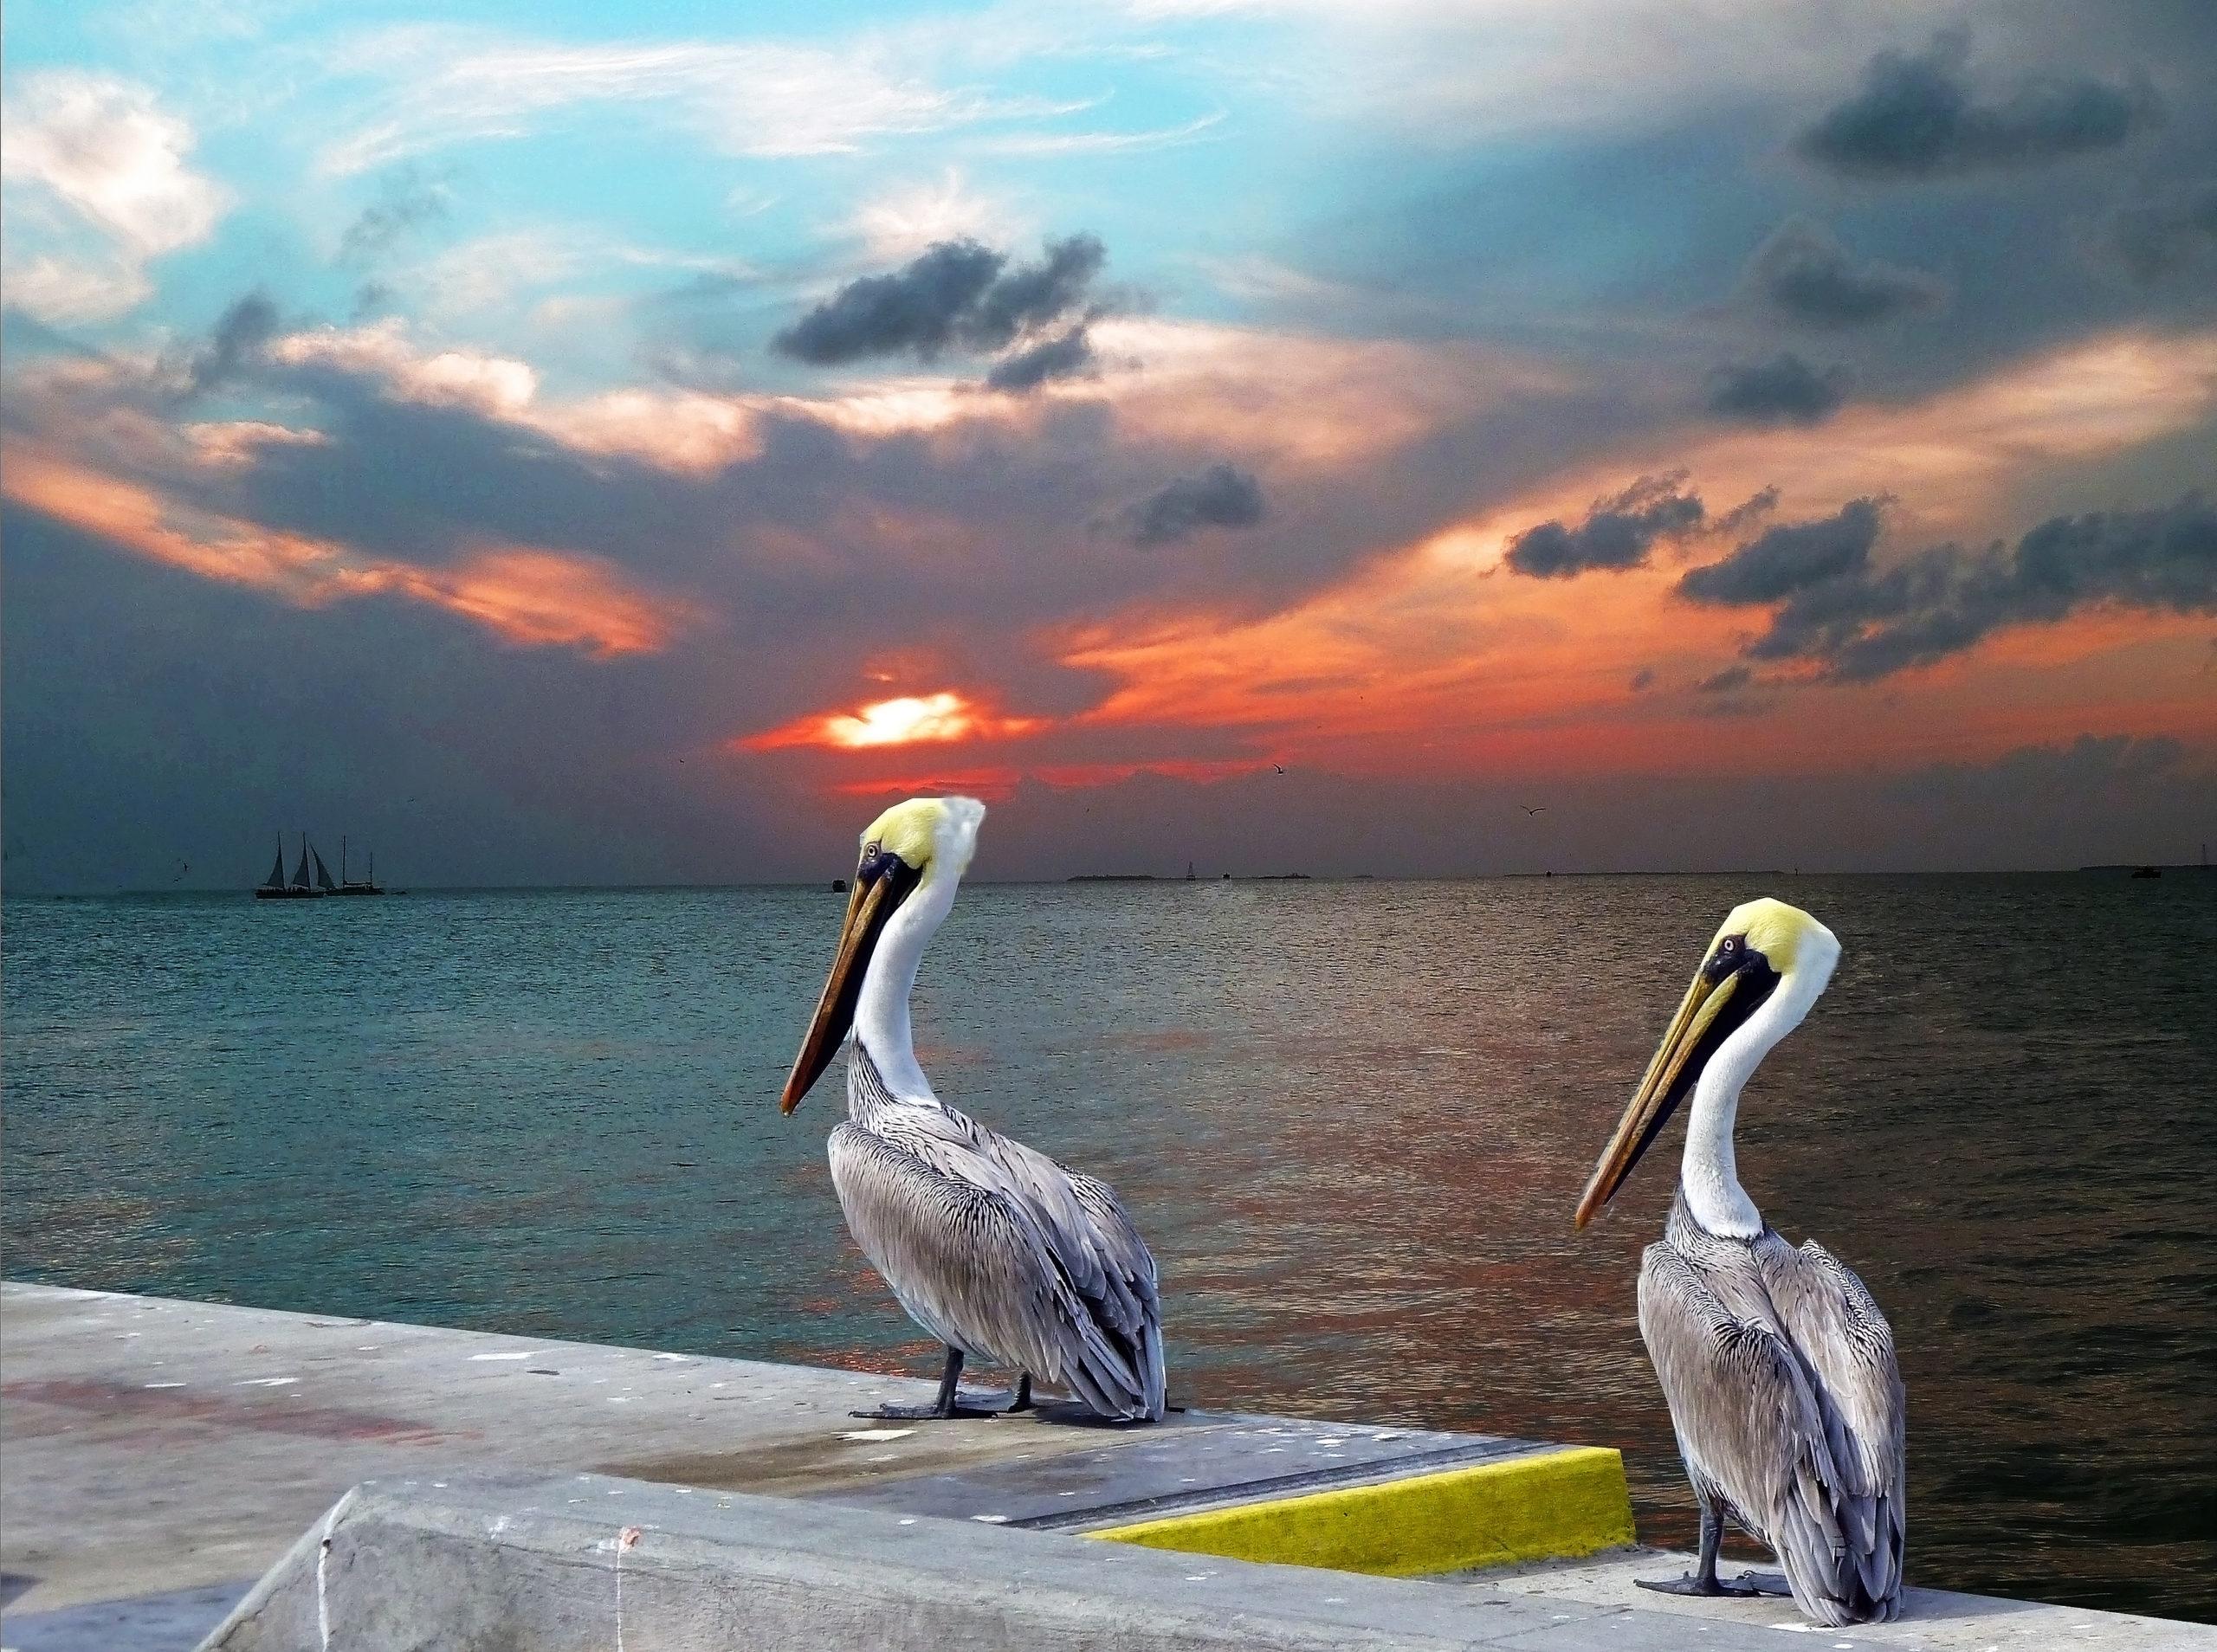 P1040605 Key West tramonto ok